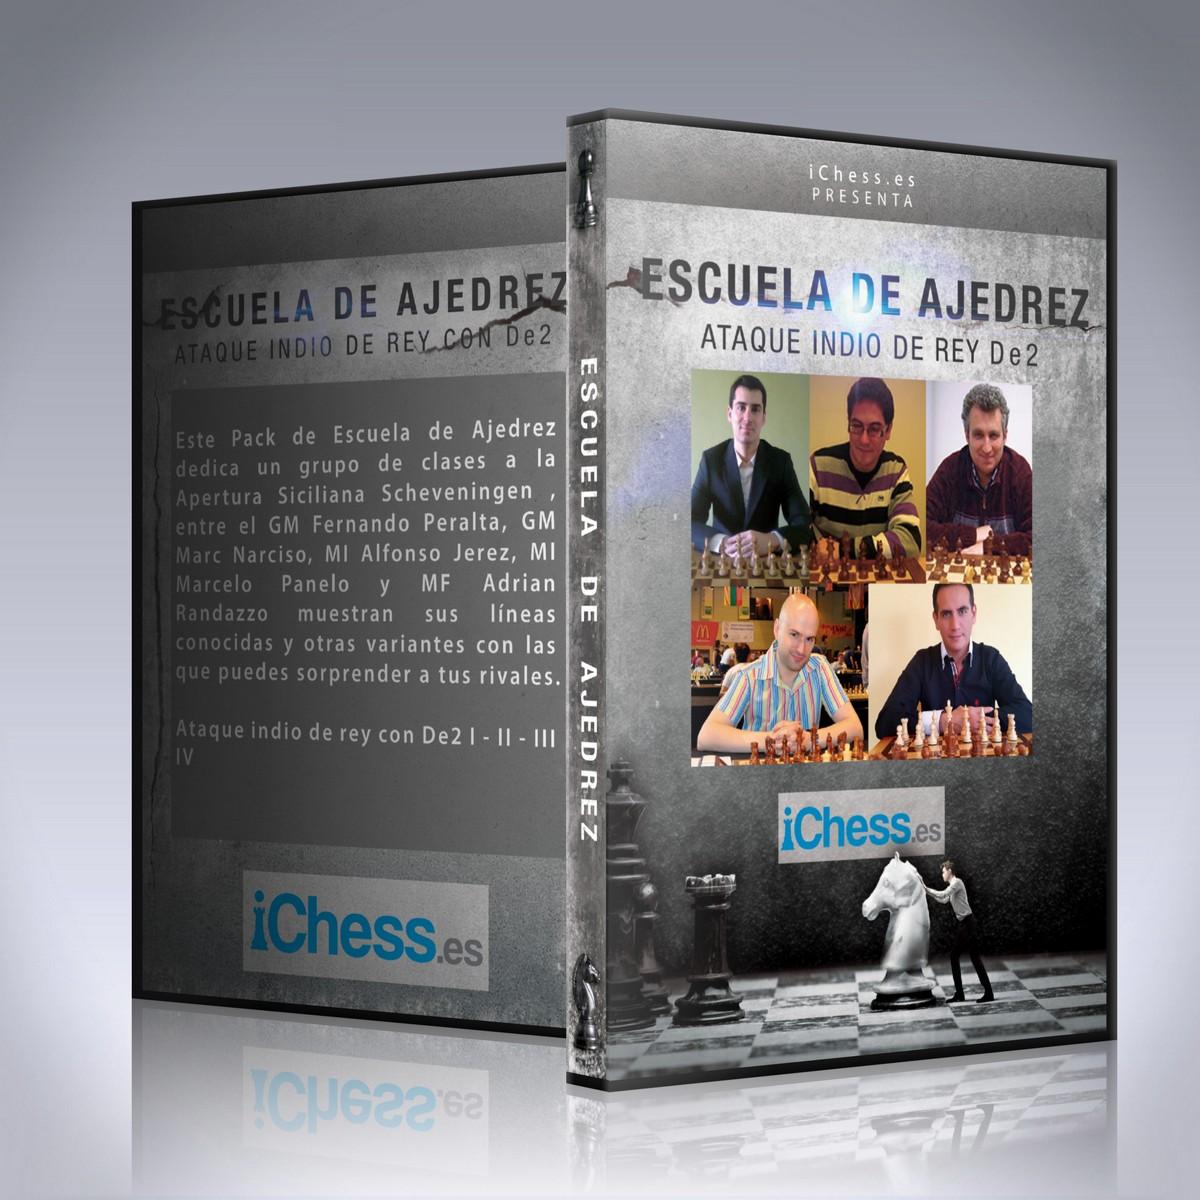 escuela de ajedrez india de rey de2